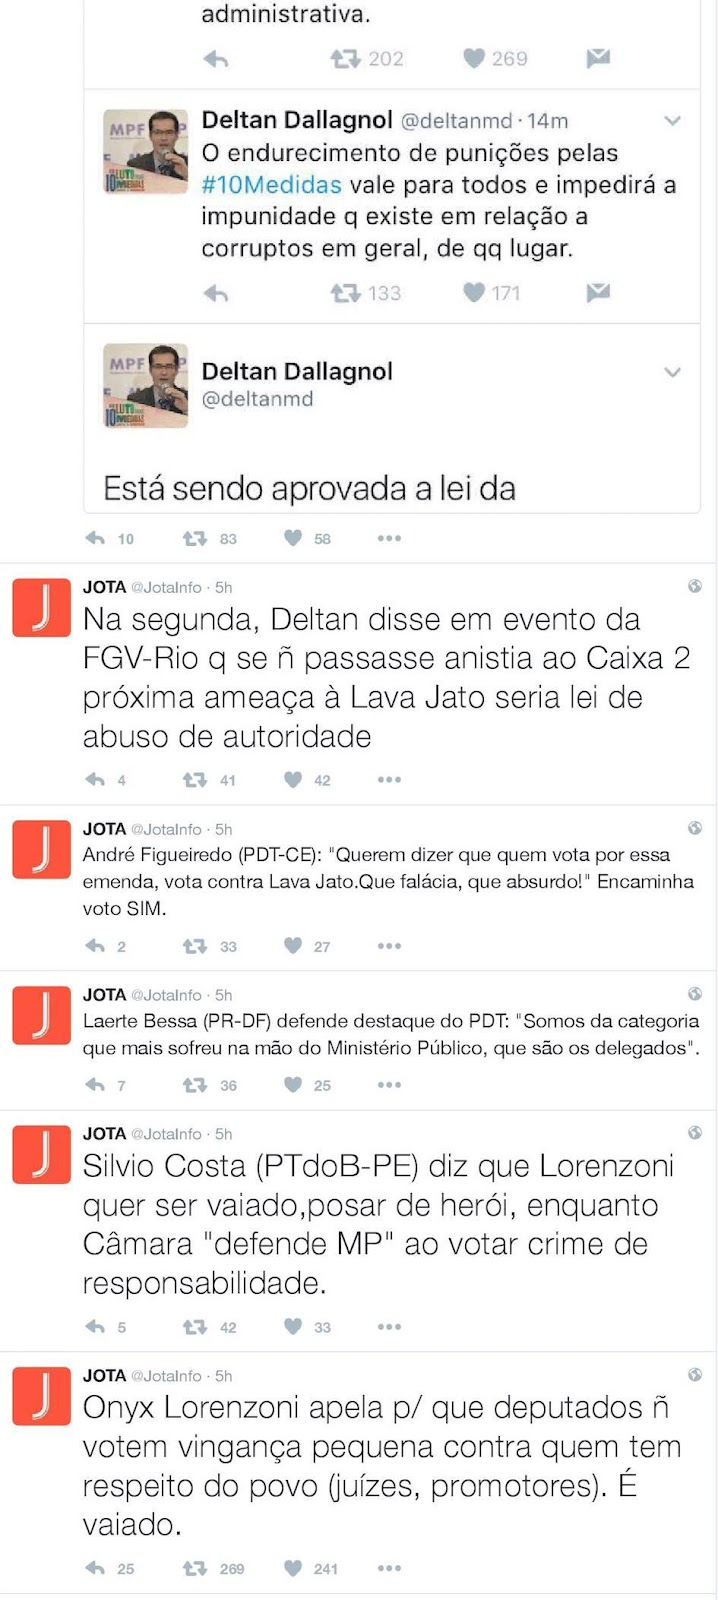 /Users/romulosoaresbrillo/Desktop/JOTA (@JotaInfo) | Twitter/JOTA (@JotaInfo) | Twitter_000007.jpg